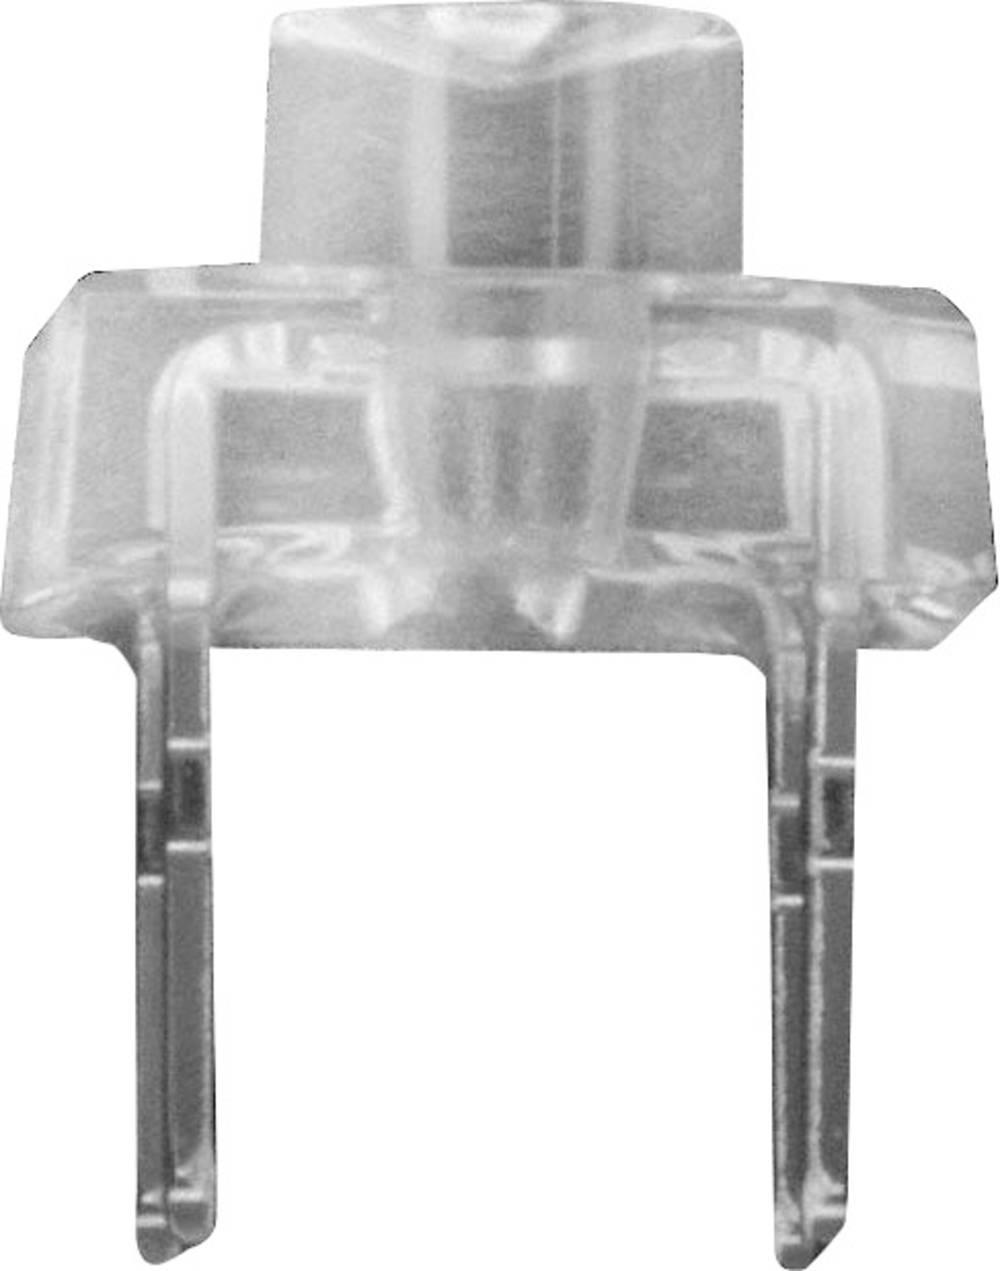 Ožičena LED dioda, jantarjeva, cilindrična 4 mm 120 ° 70 mA 2.5 V CREE CP42B-AKS-CM0Q0264